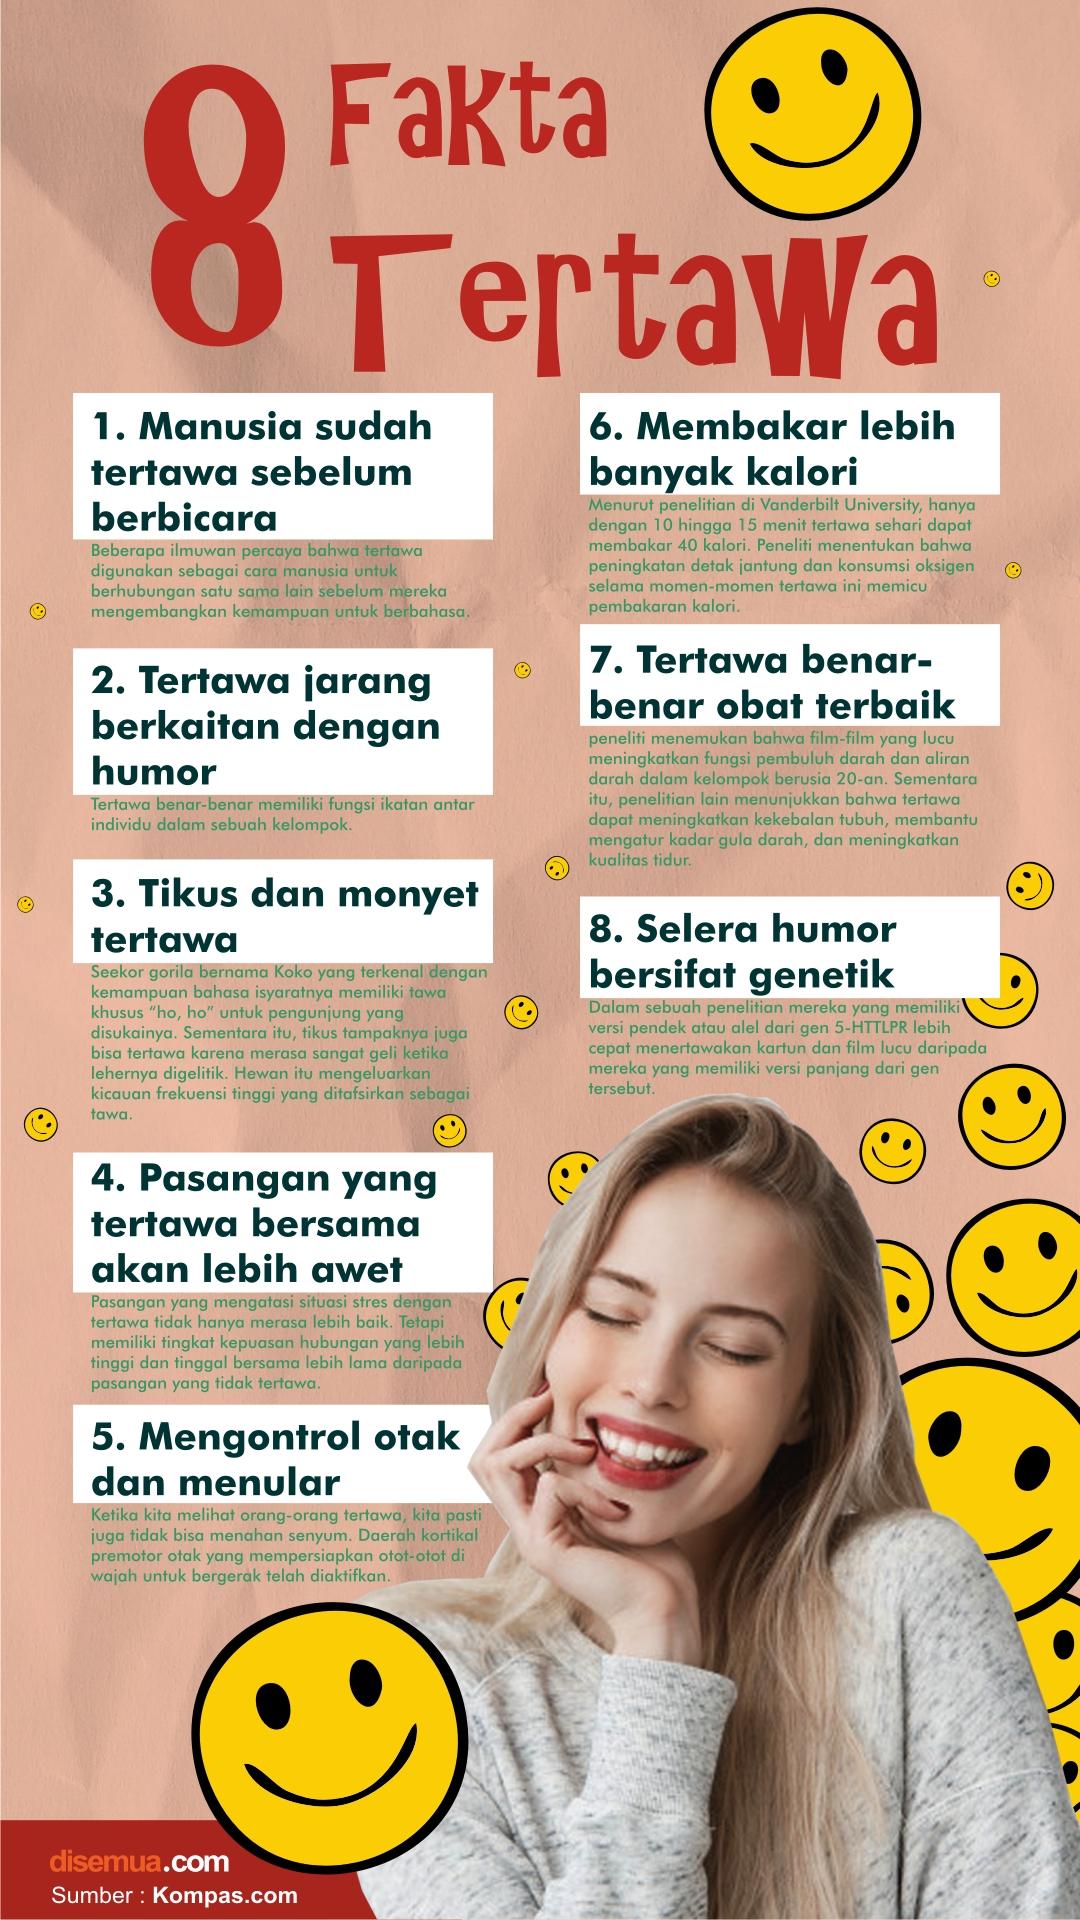 Fakta Tertawa